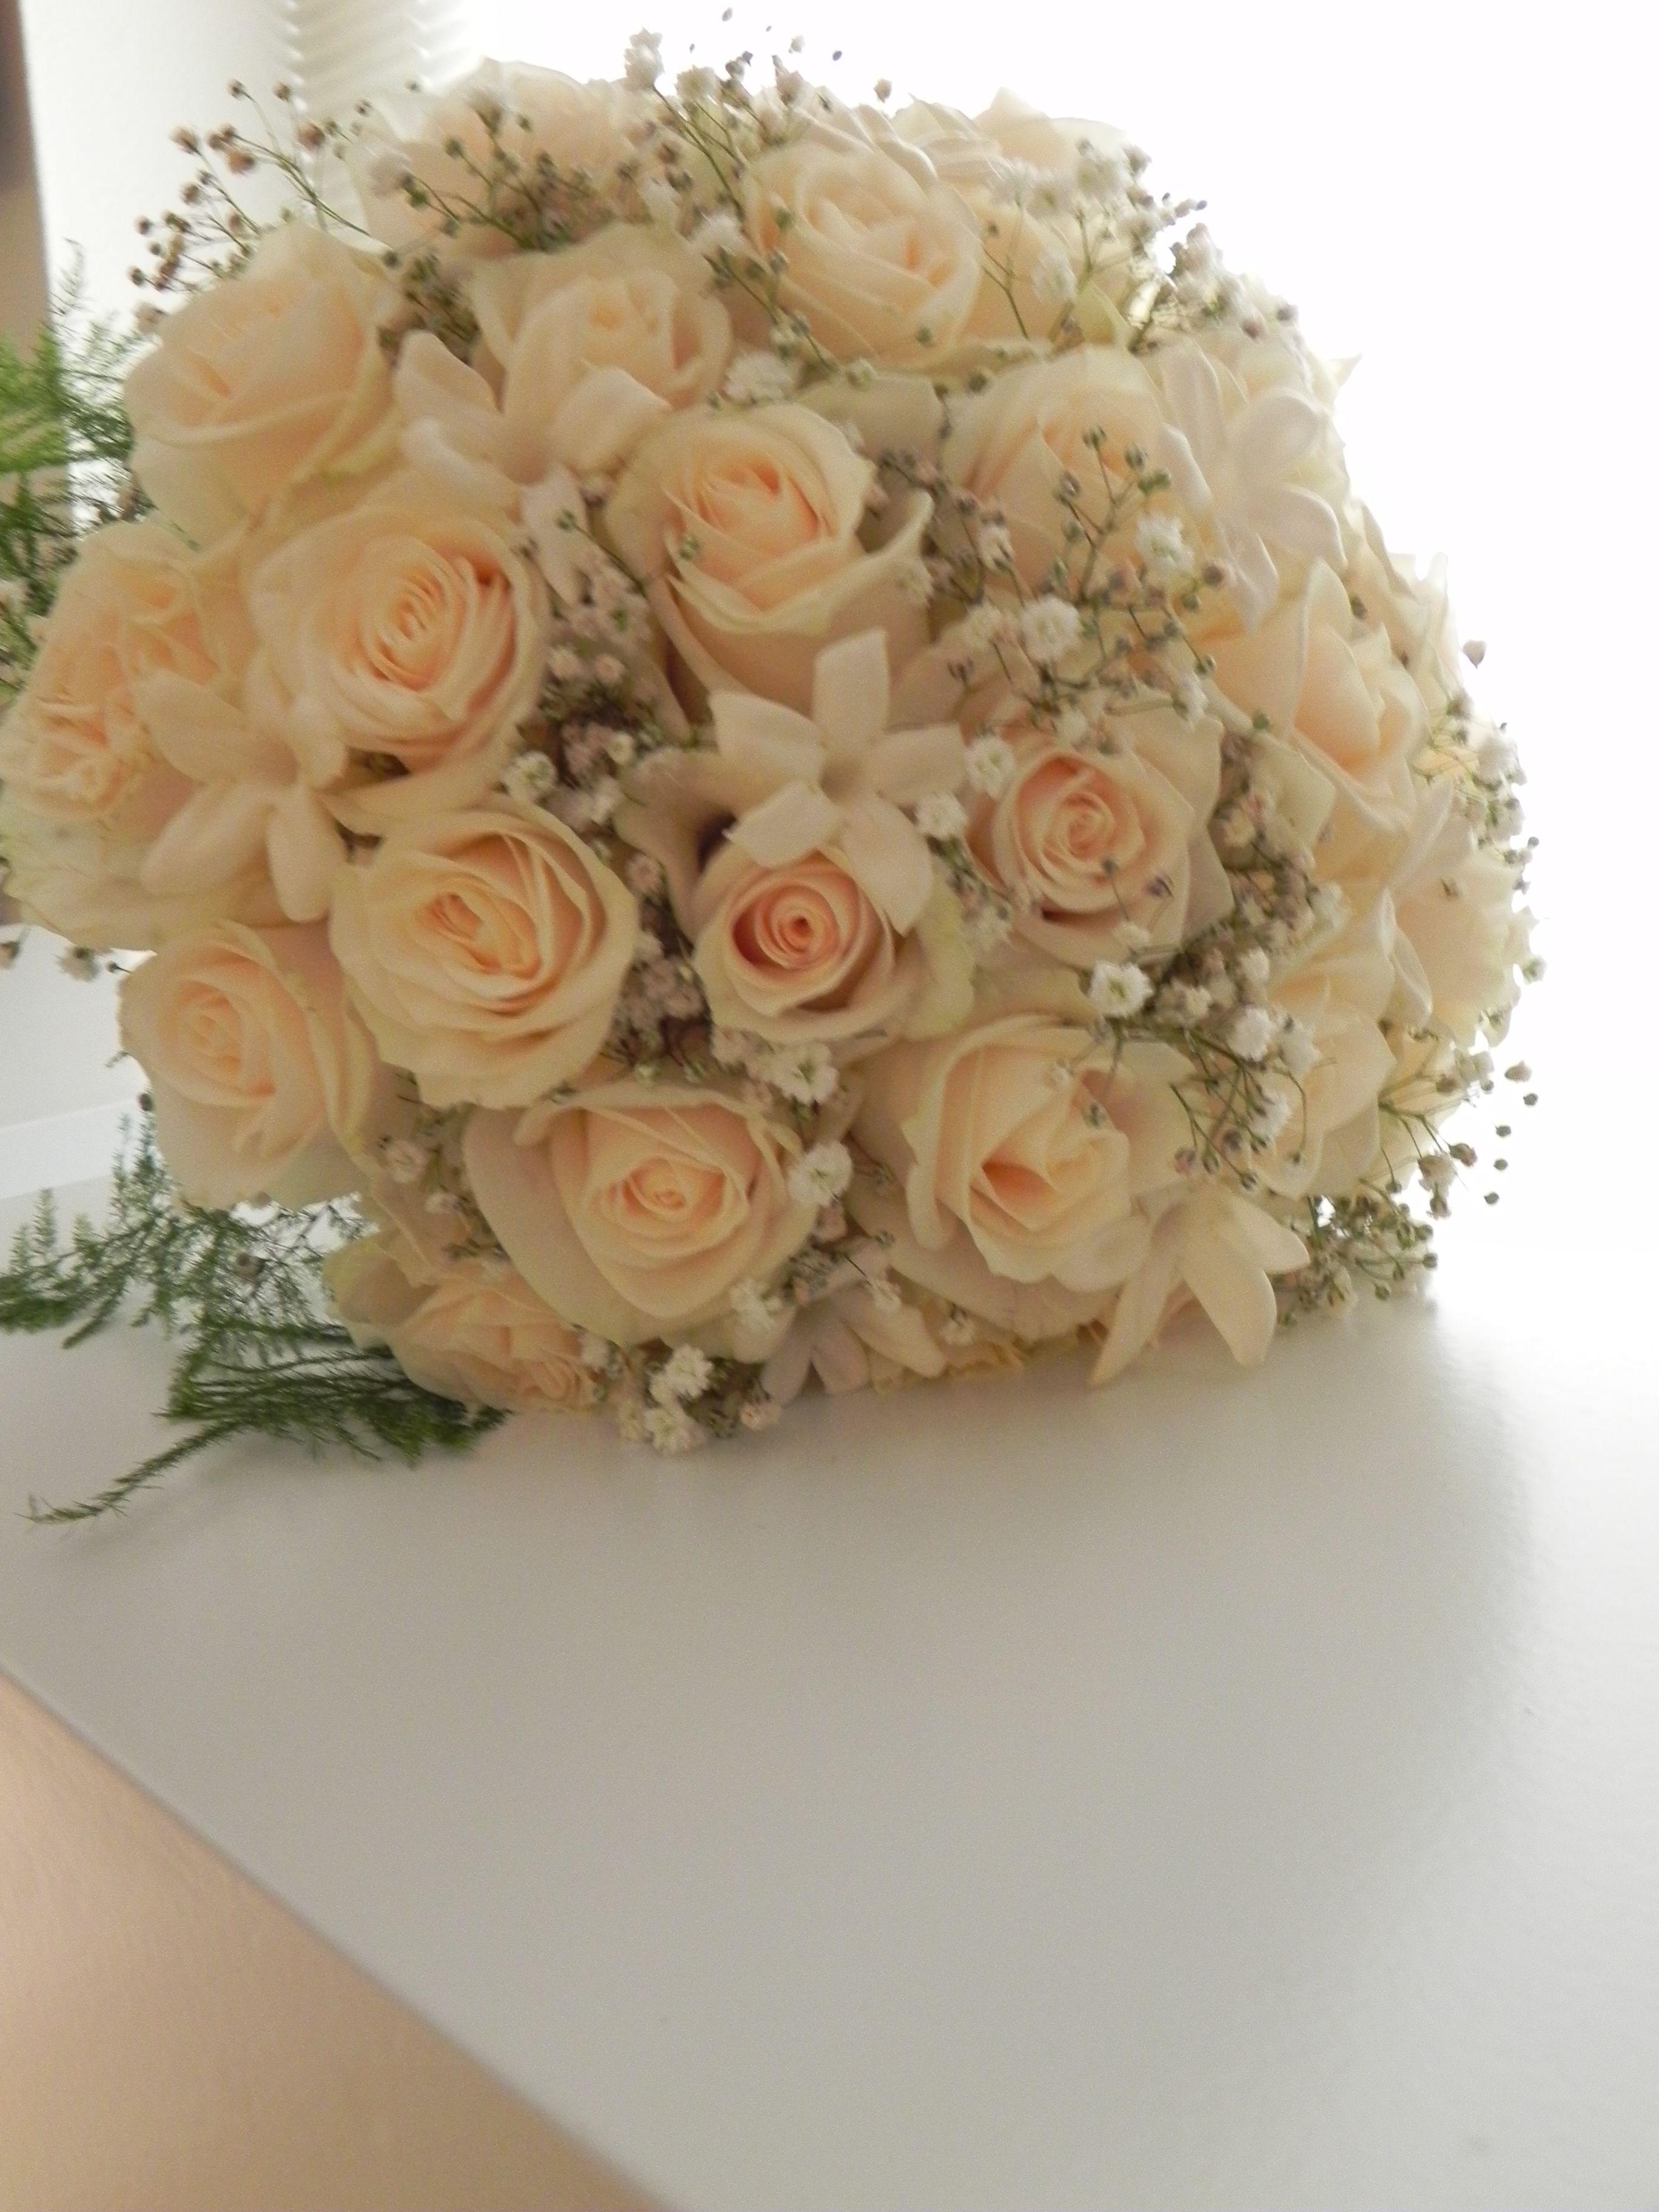 Bruidsboeket 21 De Romantiek Spat Ervan Af Rozen Stephanotis En Gips Floral Arrangements Diy Floral Arrangements Diy Arrangements